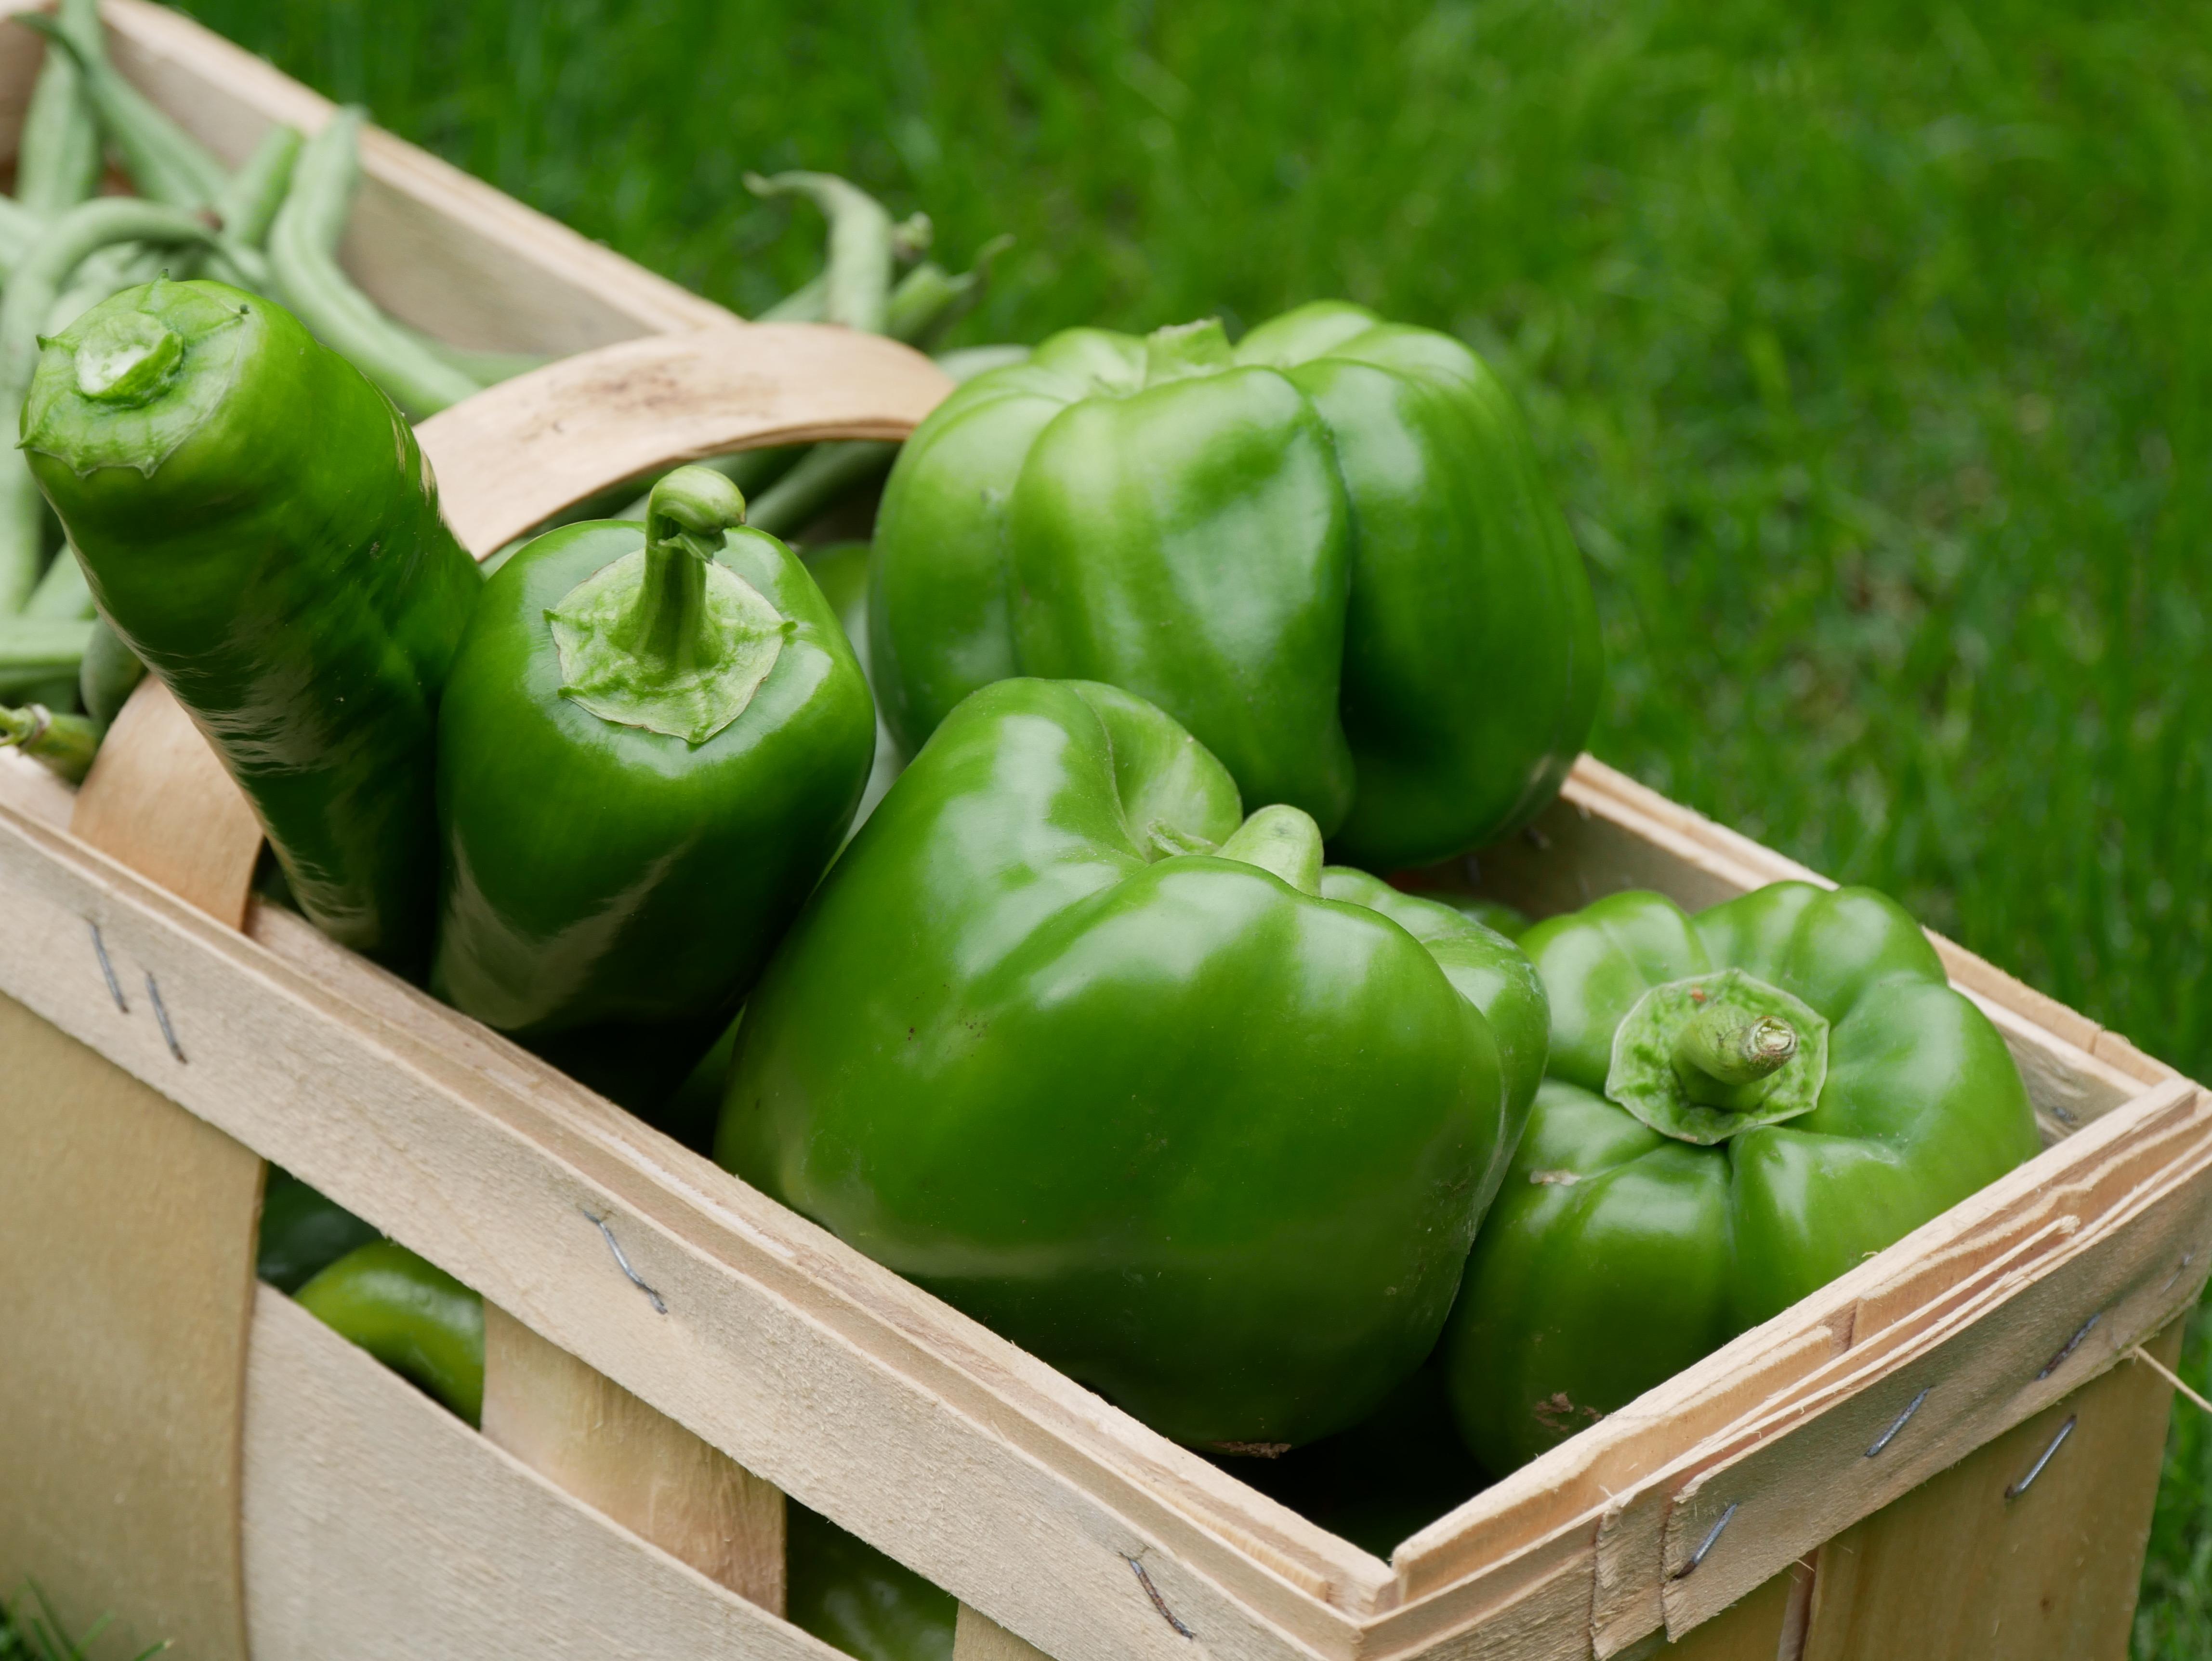 Kinder und Gemüse - ein heikles Thema